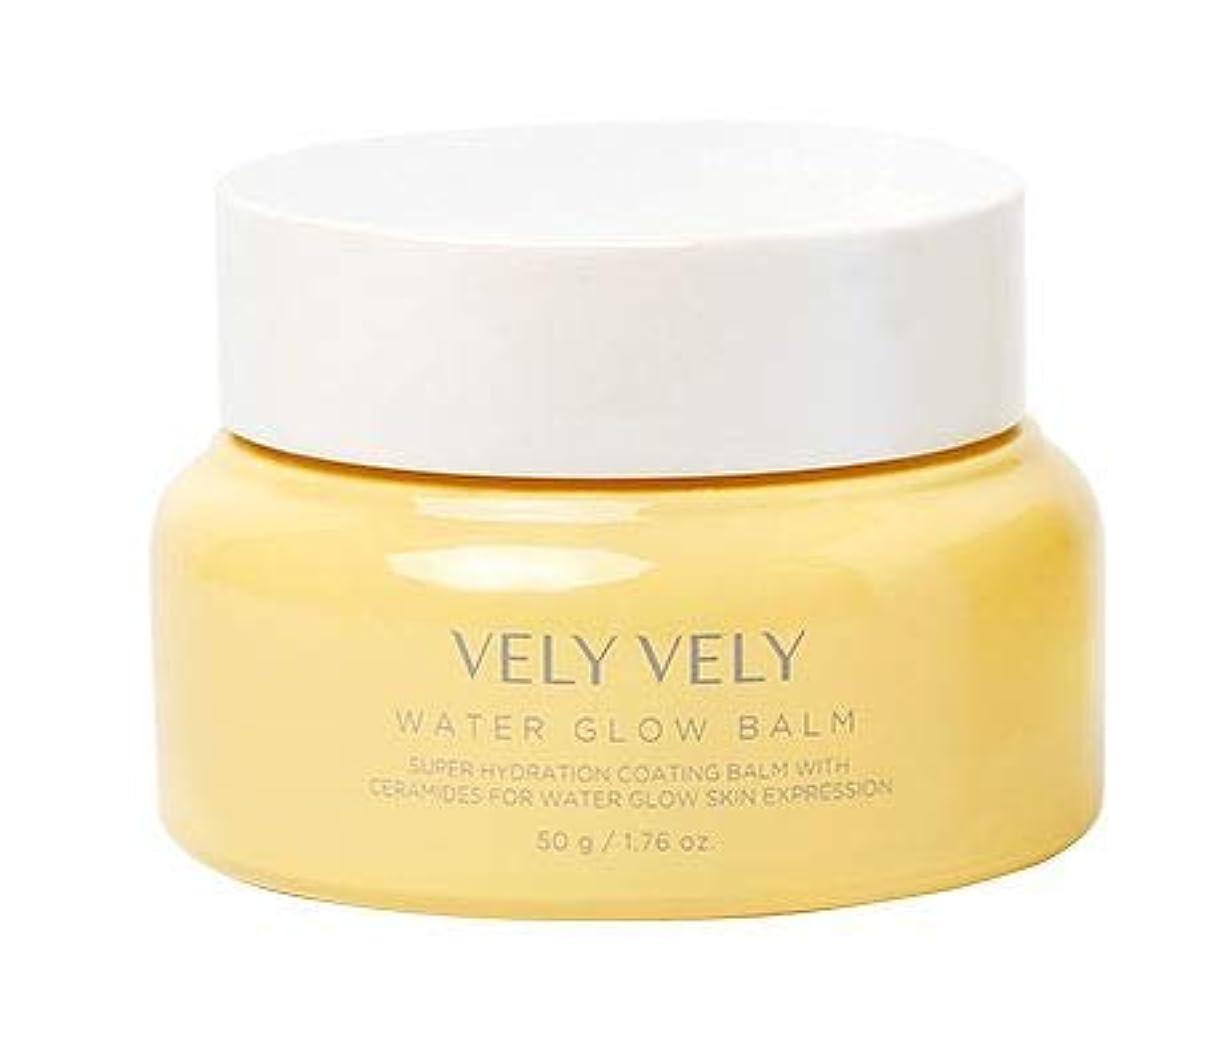 フォージジャンプする宿泊施設Vely Vely Water Glow Balm(ウォーターグローバーム) 50g [並行輸入品]